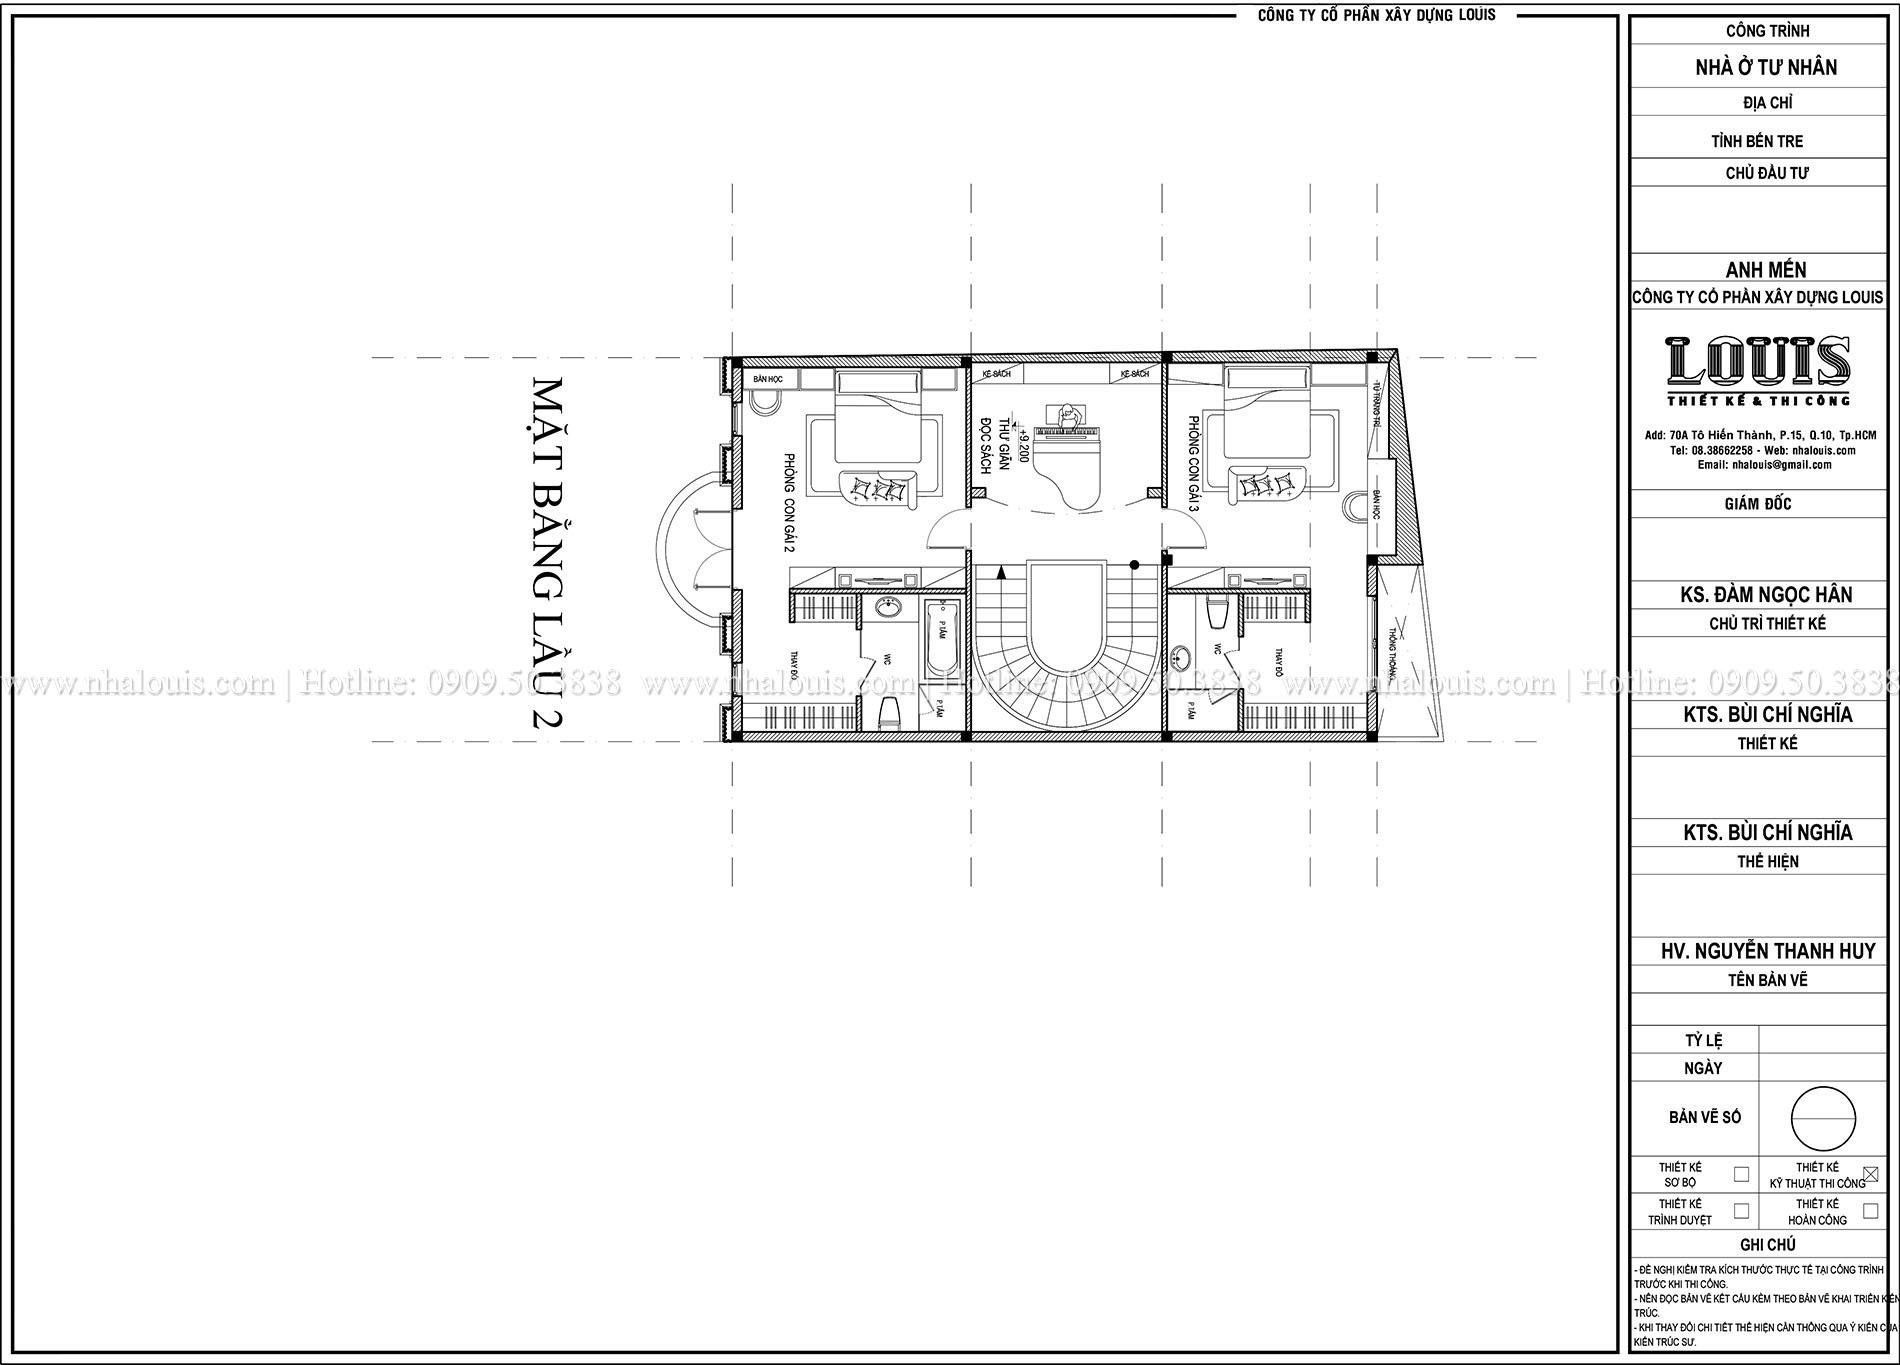 Mặt bằng lầu 2 biệt thự phong cách cổ điển châu Âu - 029 - 1